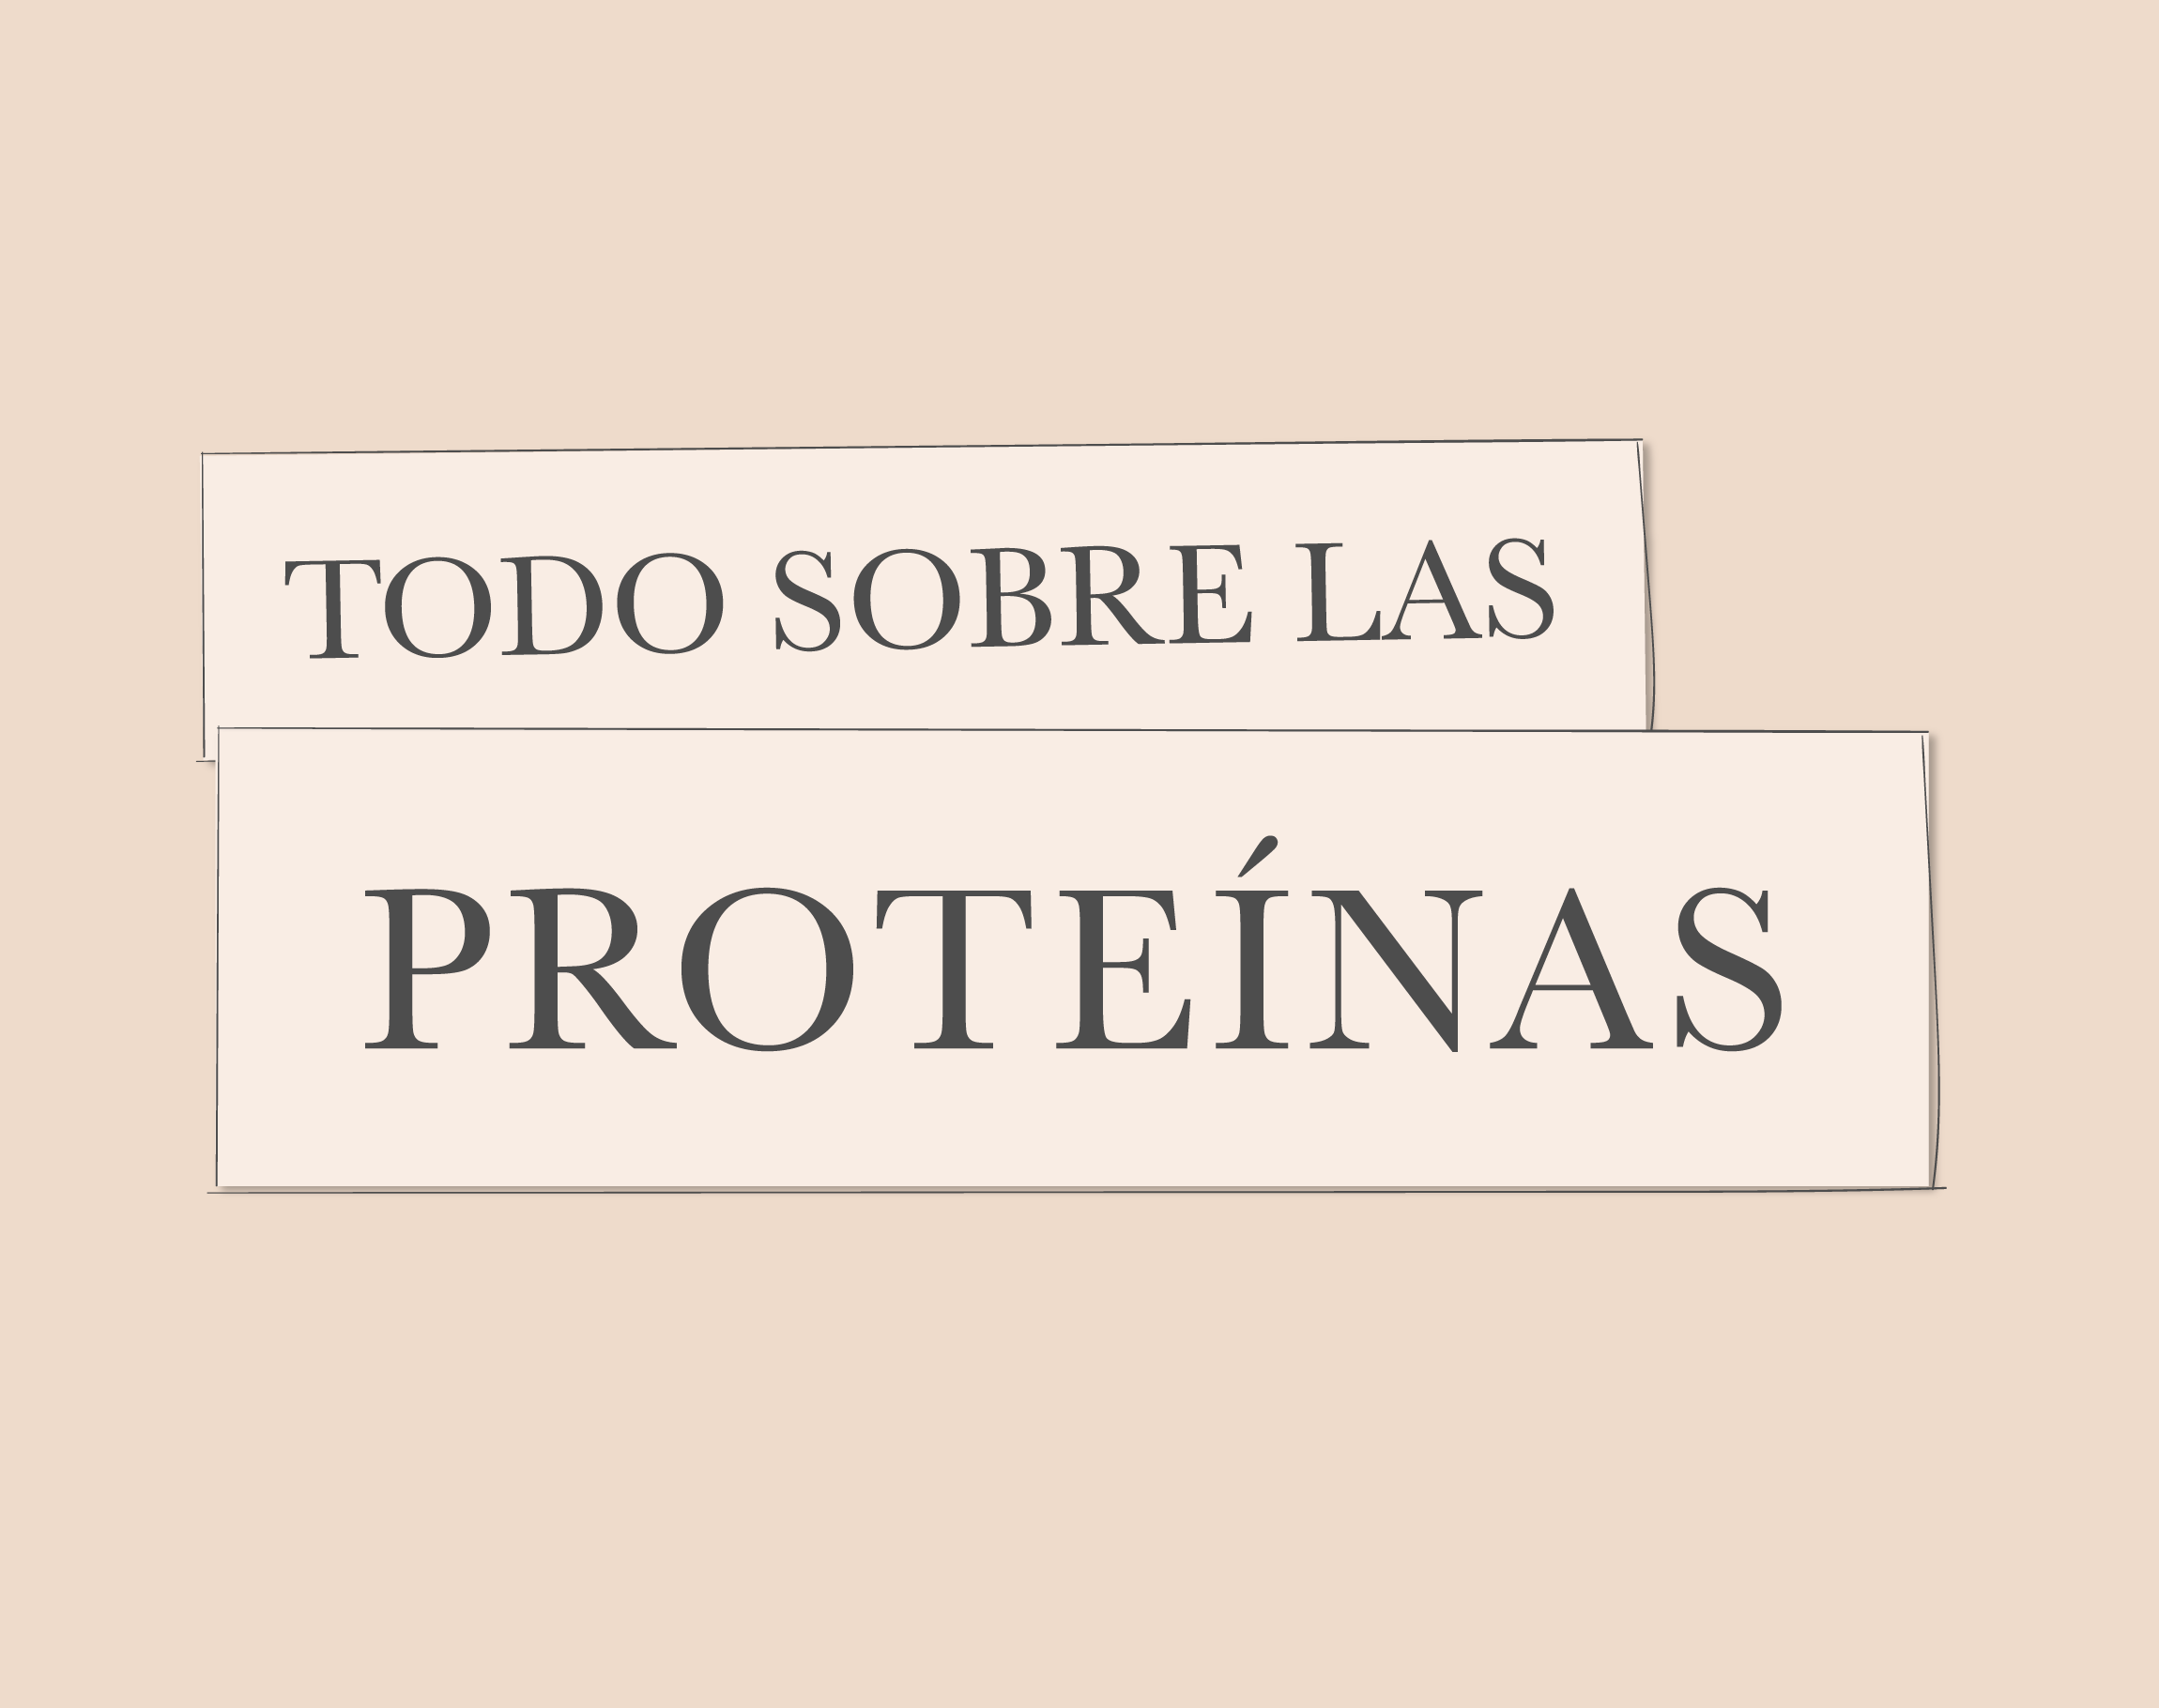 Todo sobre las proteinas en el cuidado capilar